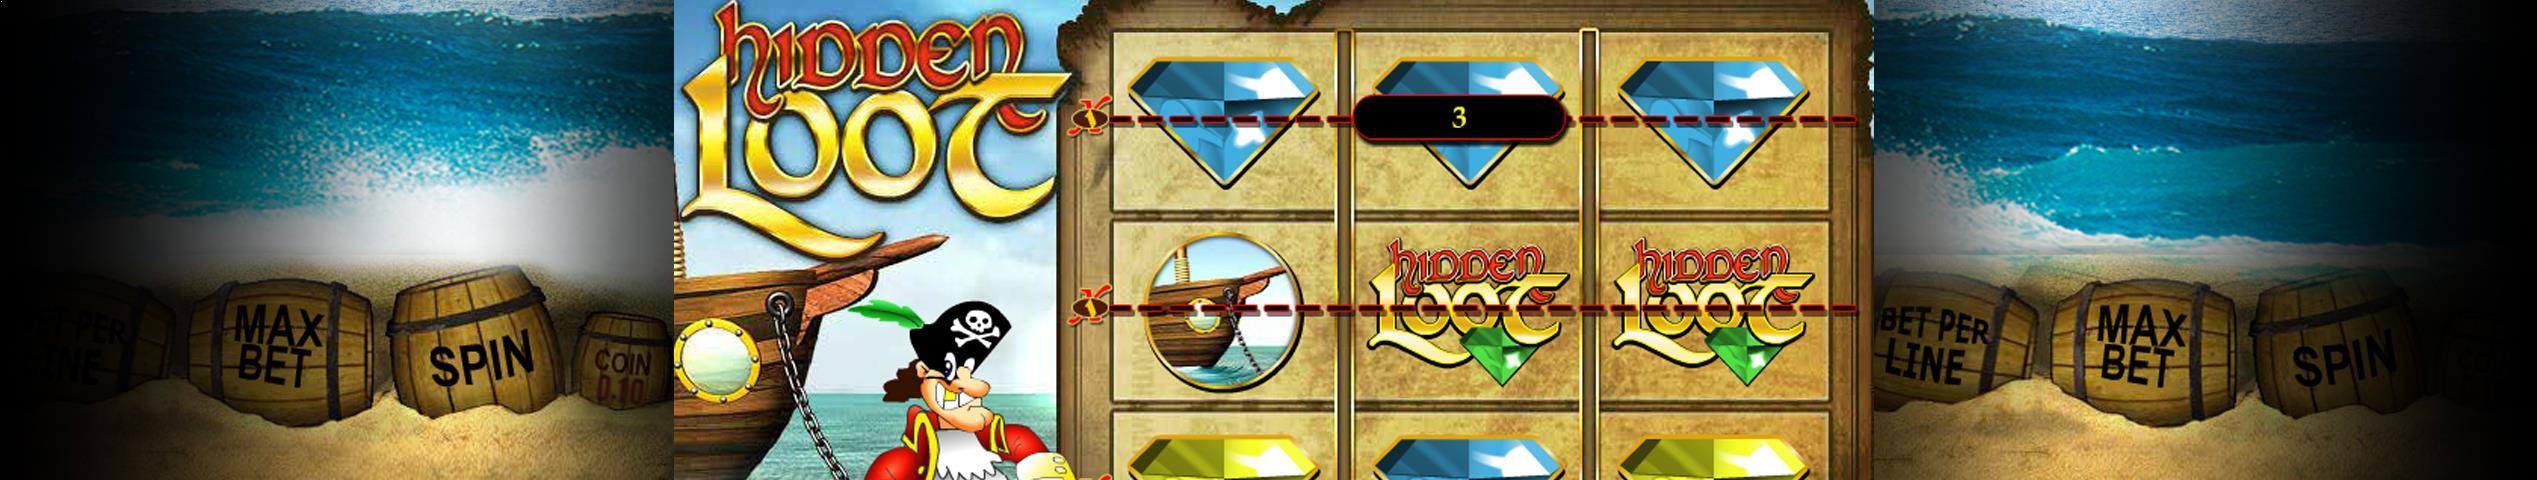 Hidden Loot betsoftt jocuri slot slider